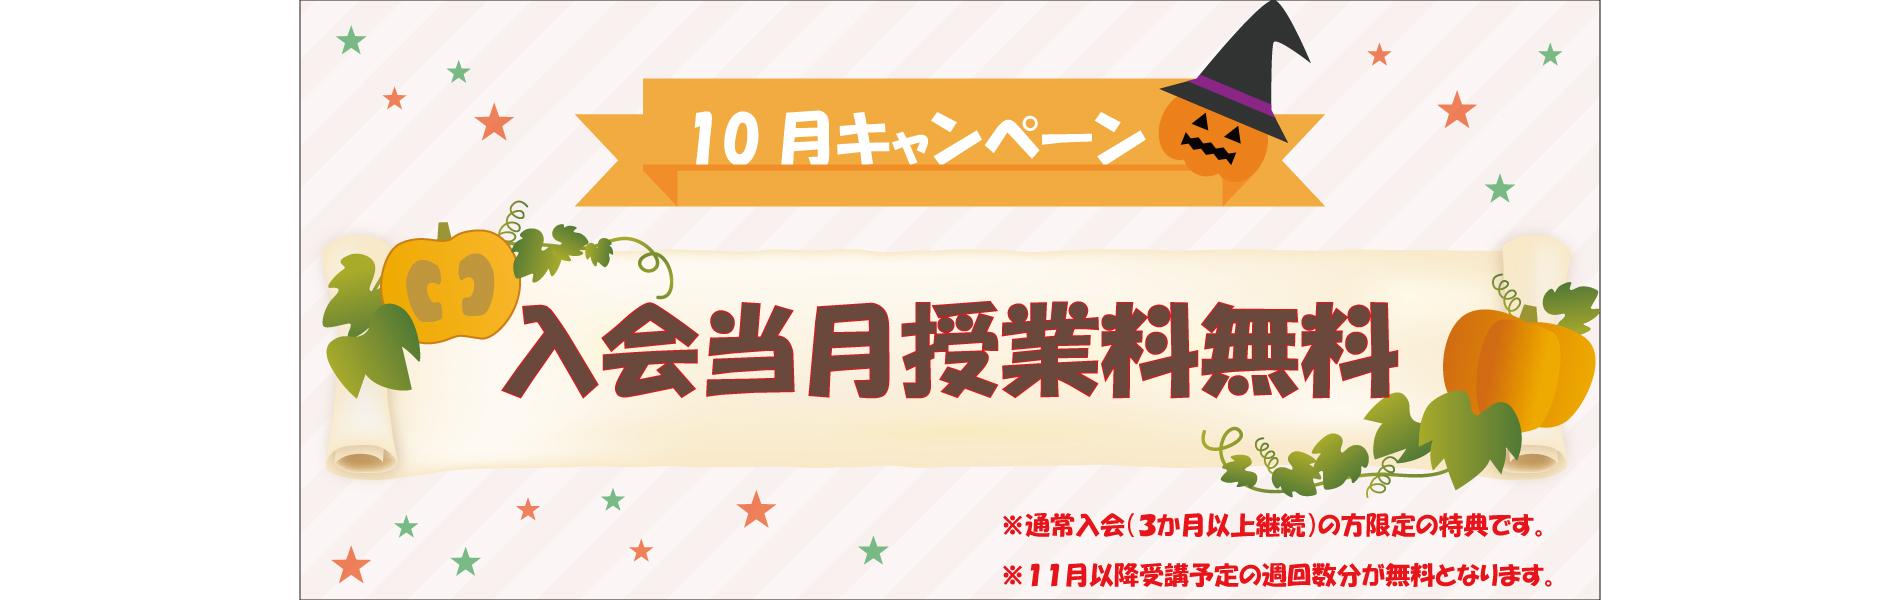 個別塾カラー/キャンペーン